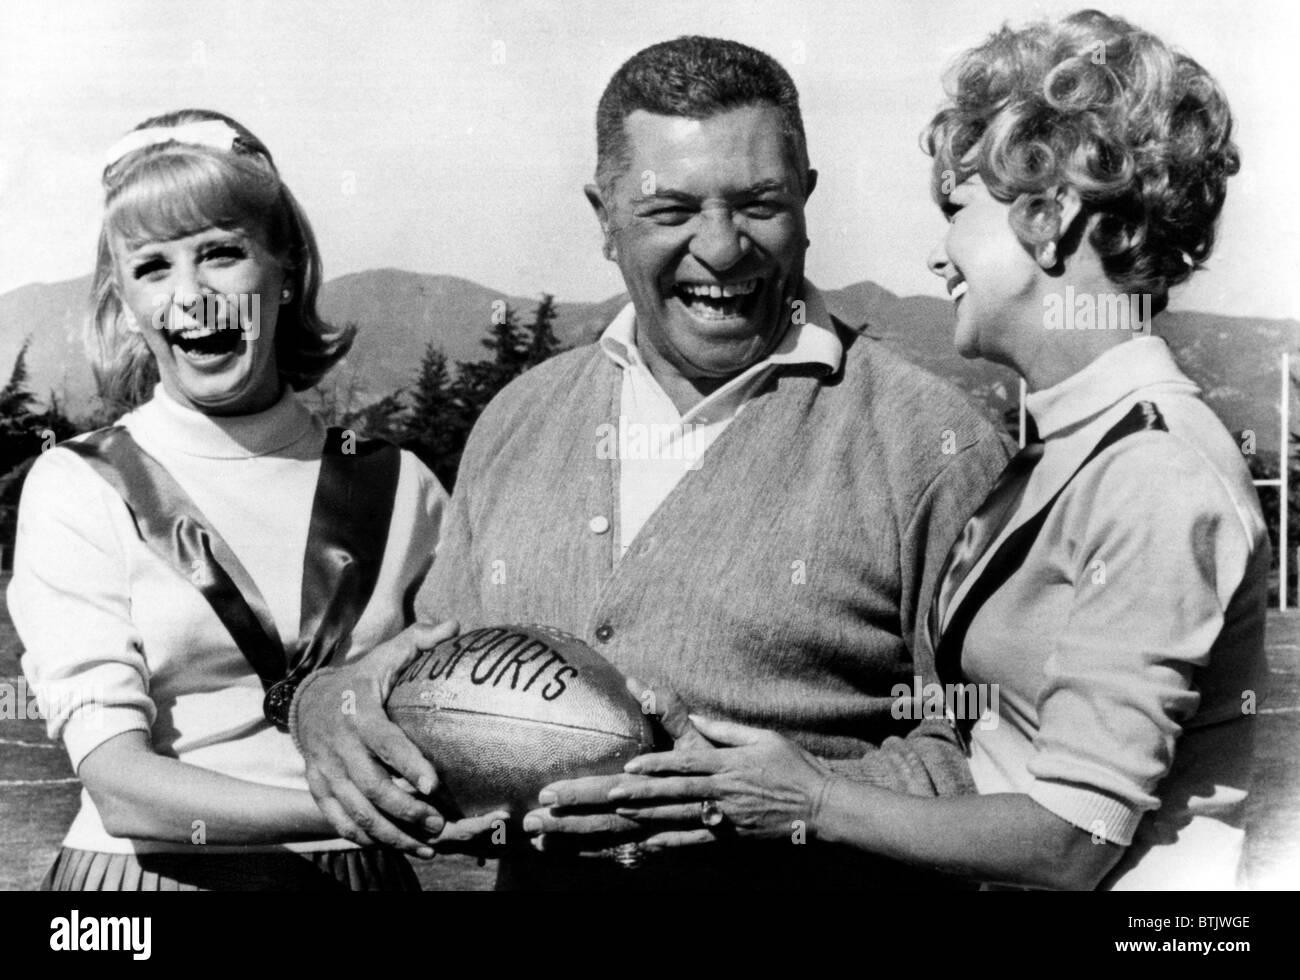 Vince Lombardi, Gerente General de Green Bay Packers y uno de los entrenadores más exitosos en la historia Imagen De Stock